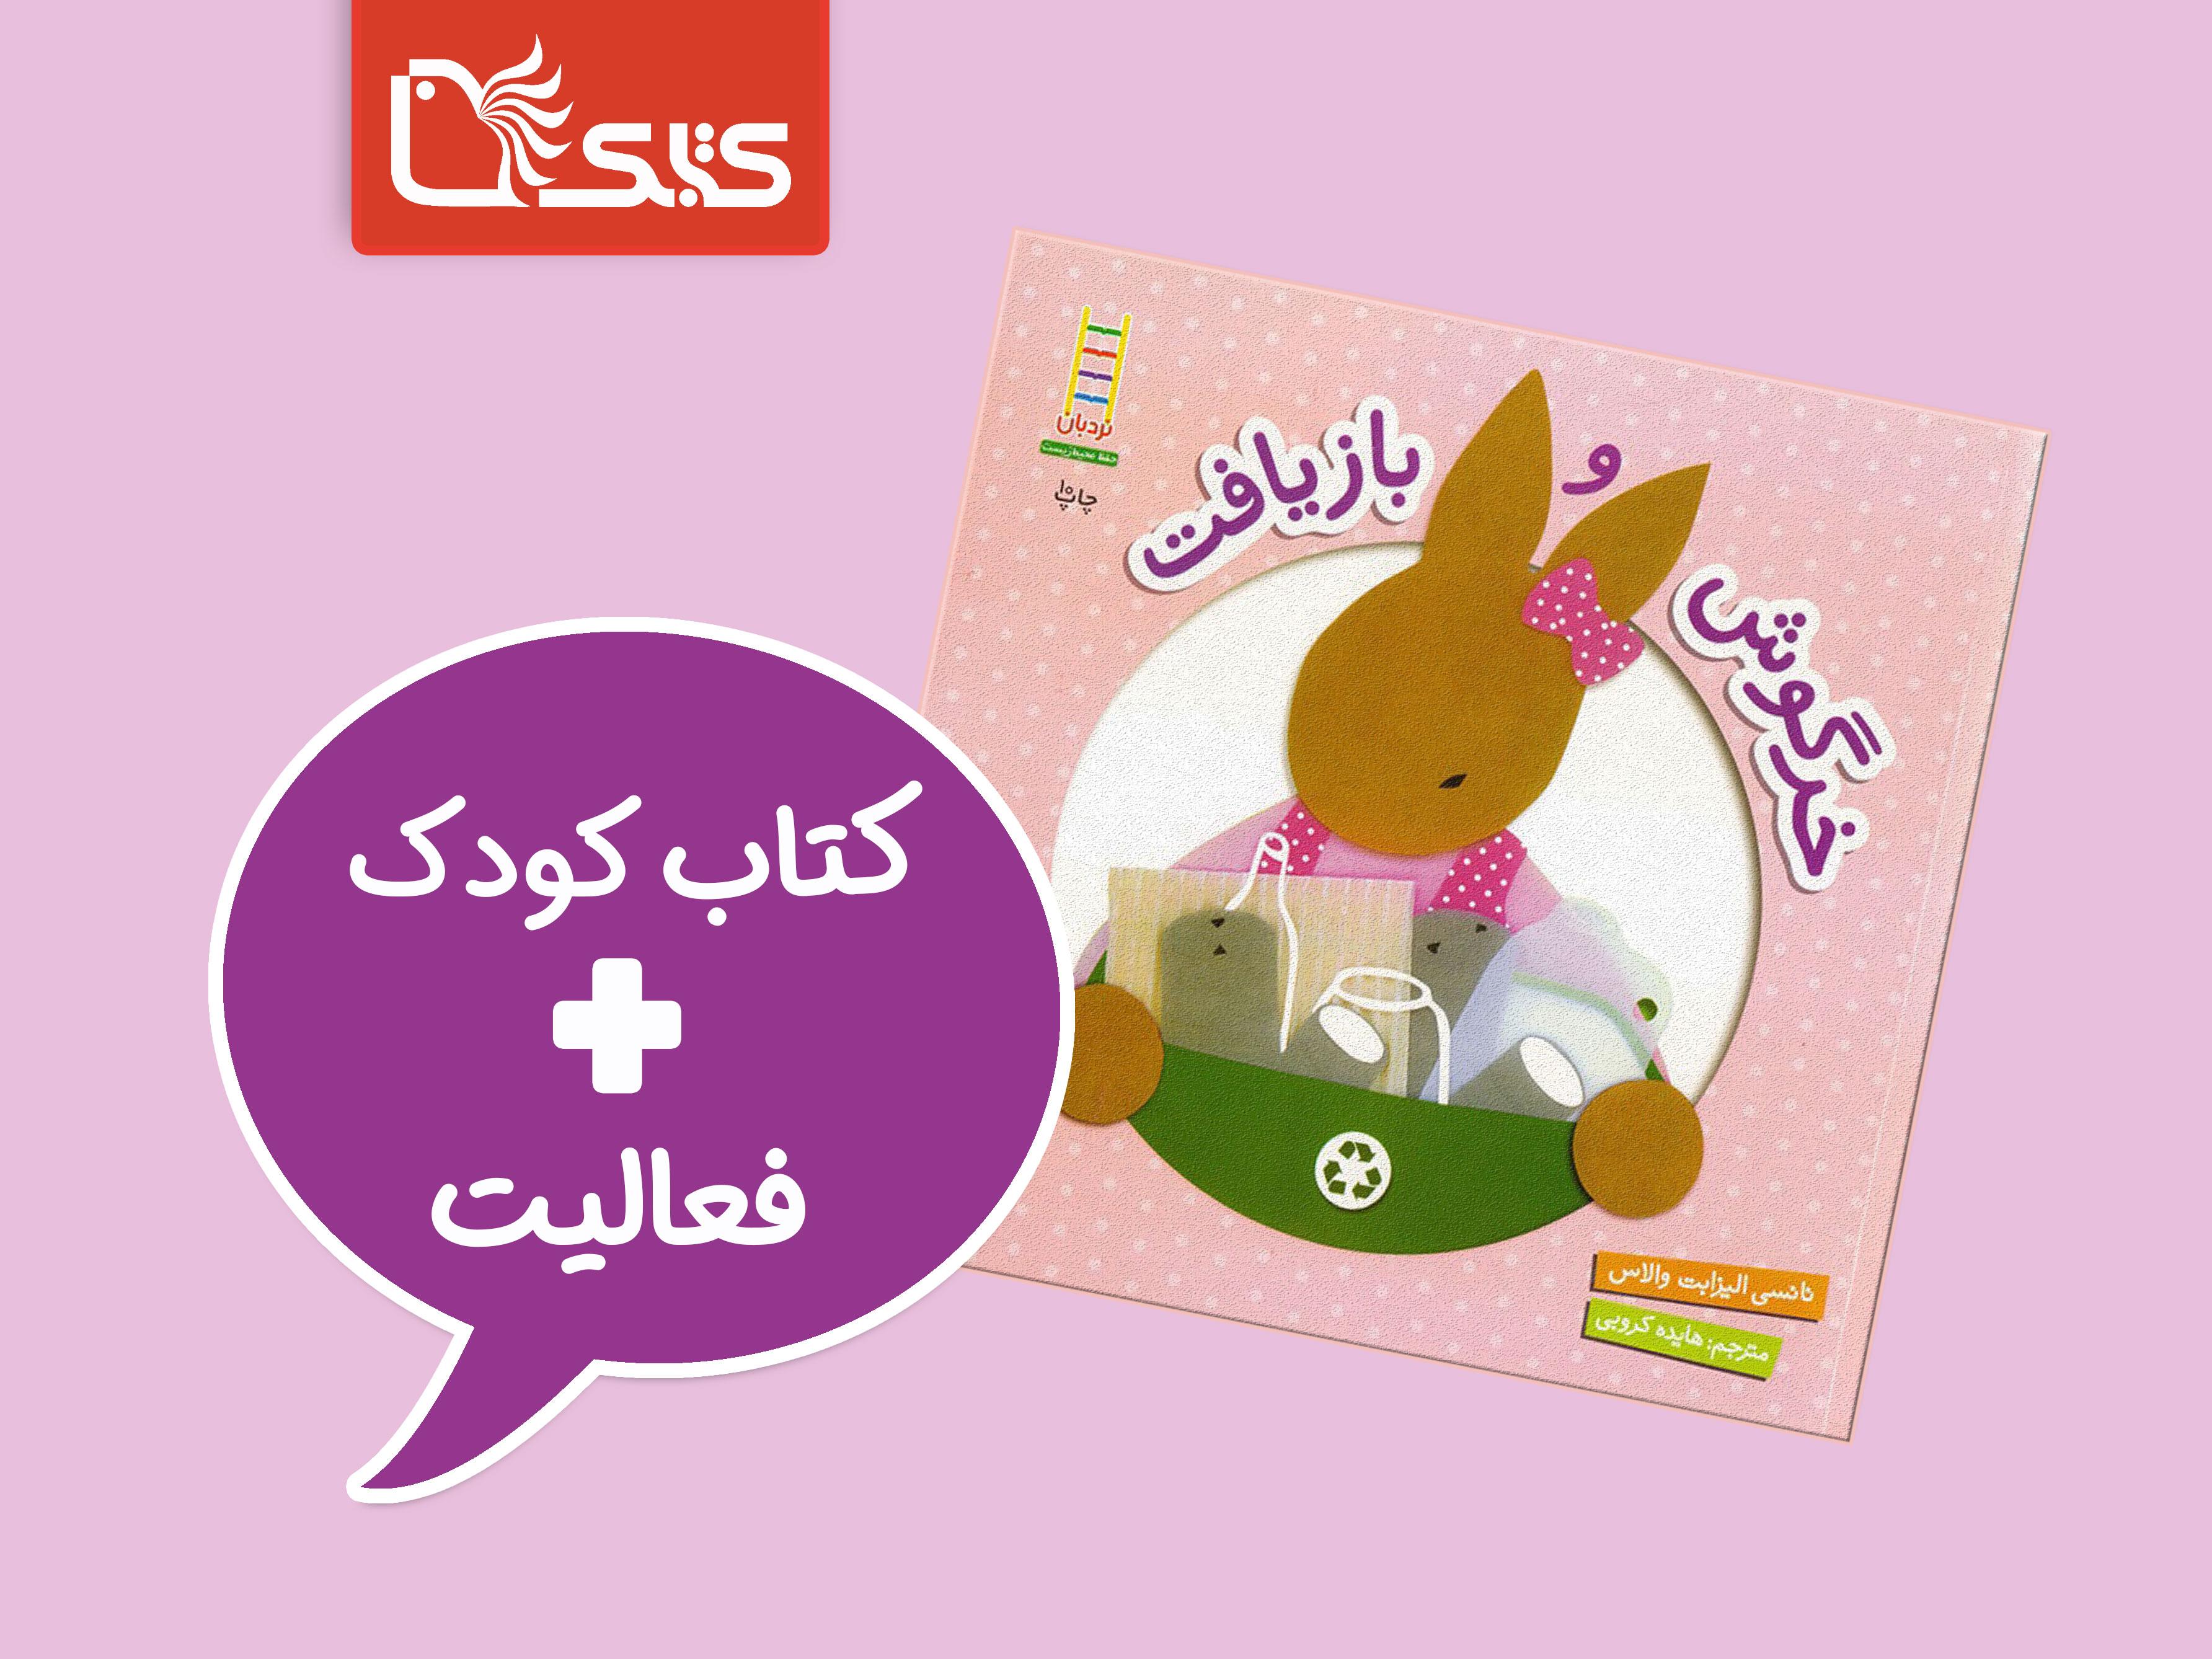 فعالیت پیشنهادی برای کتاب خرگوش و بازیافت